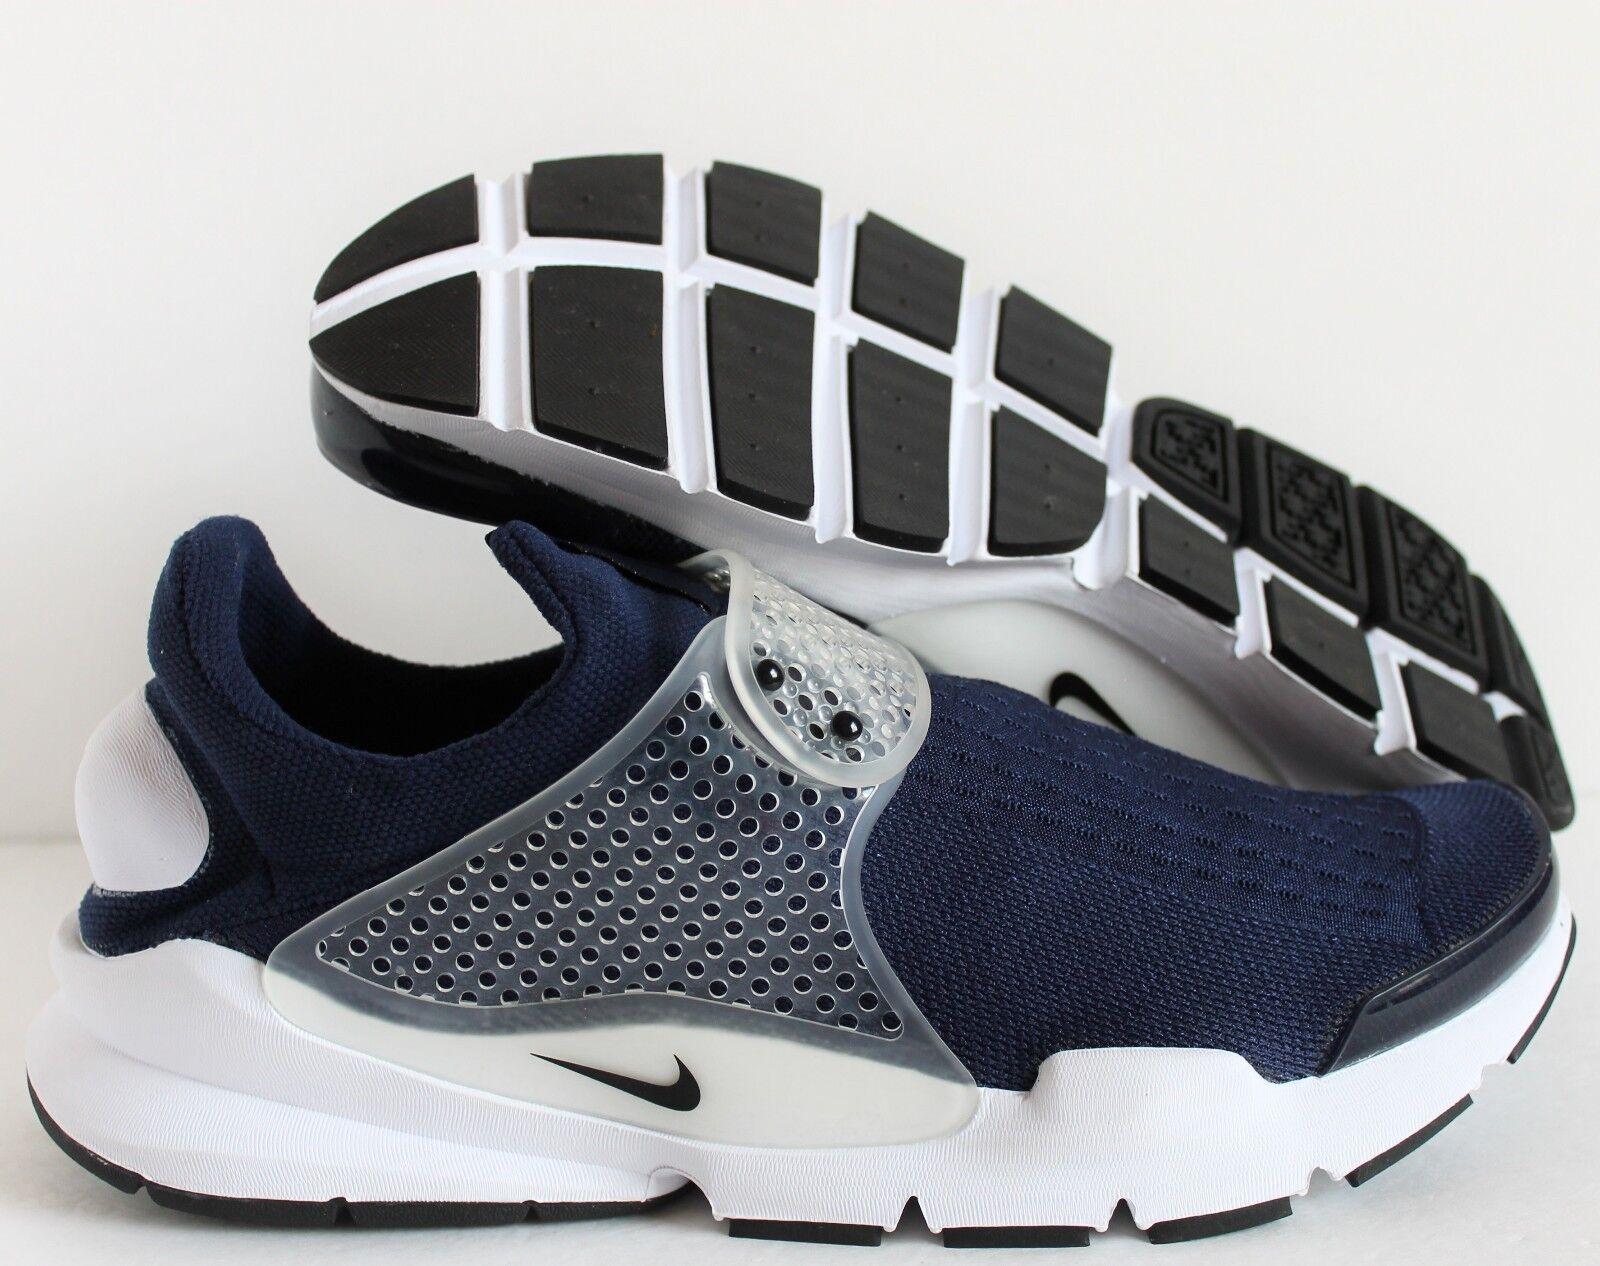 Nike Hombres calcetín 13 Dart Marina Azul-Negro-Blanco SZ 13 calcetín [819686-400] c145fc